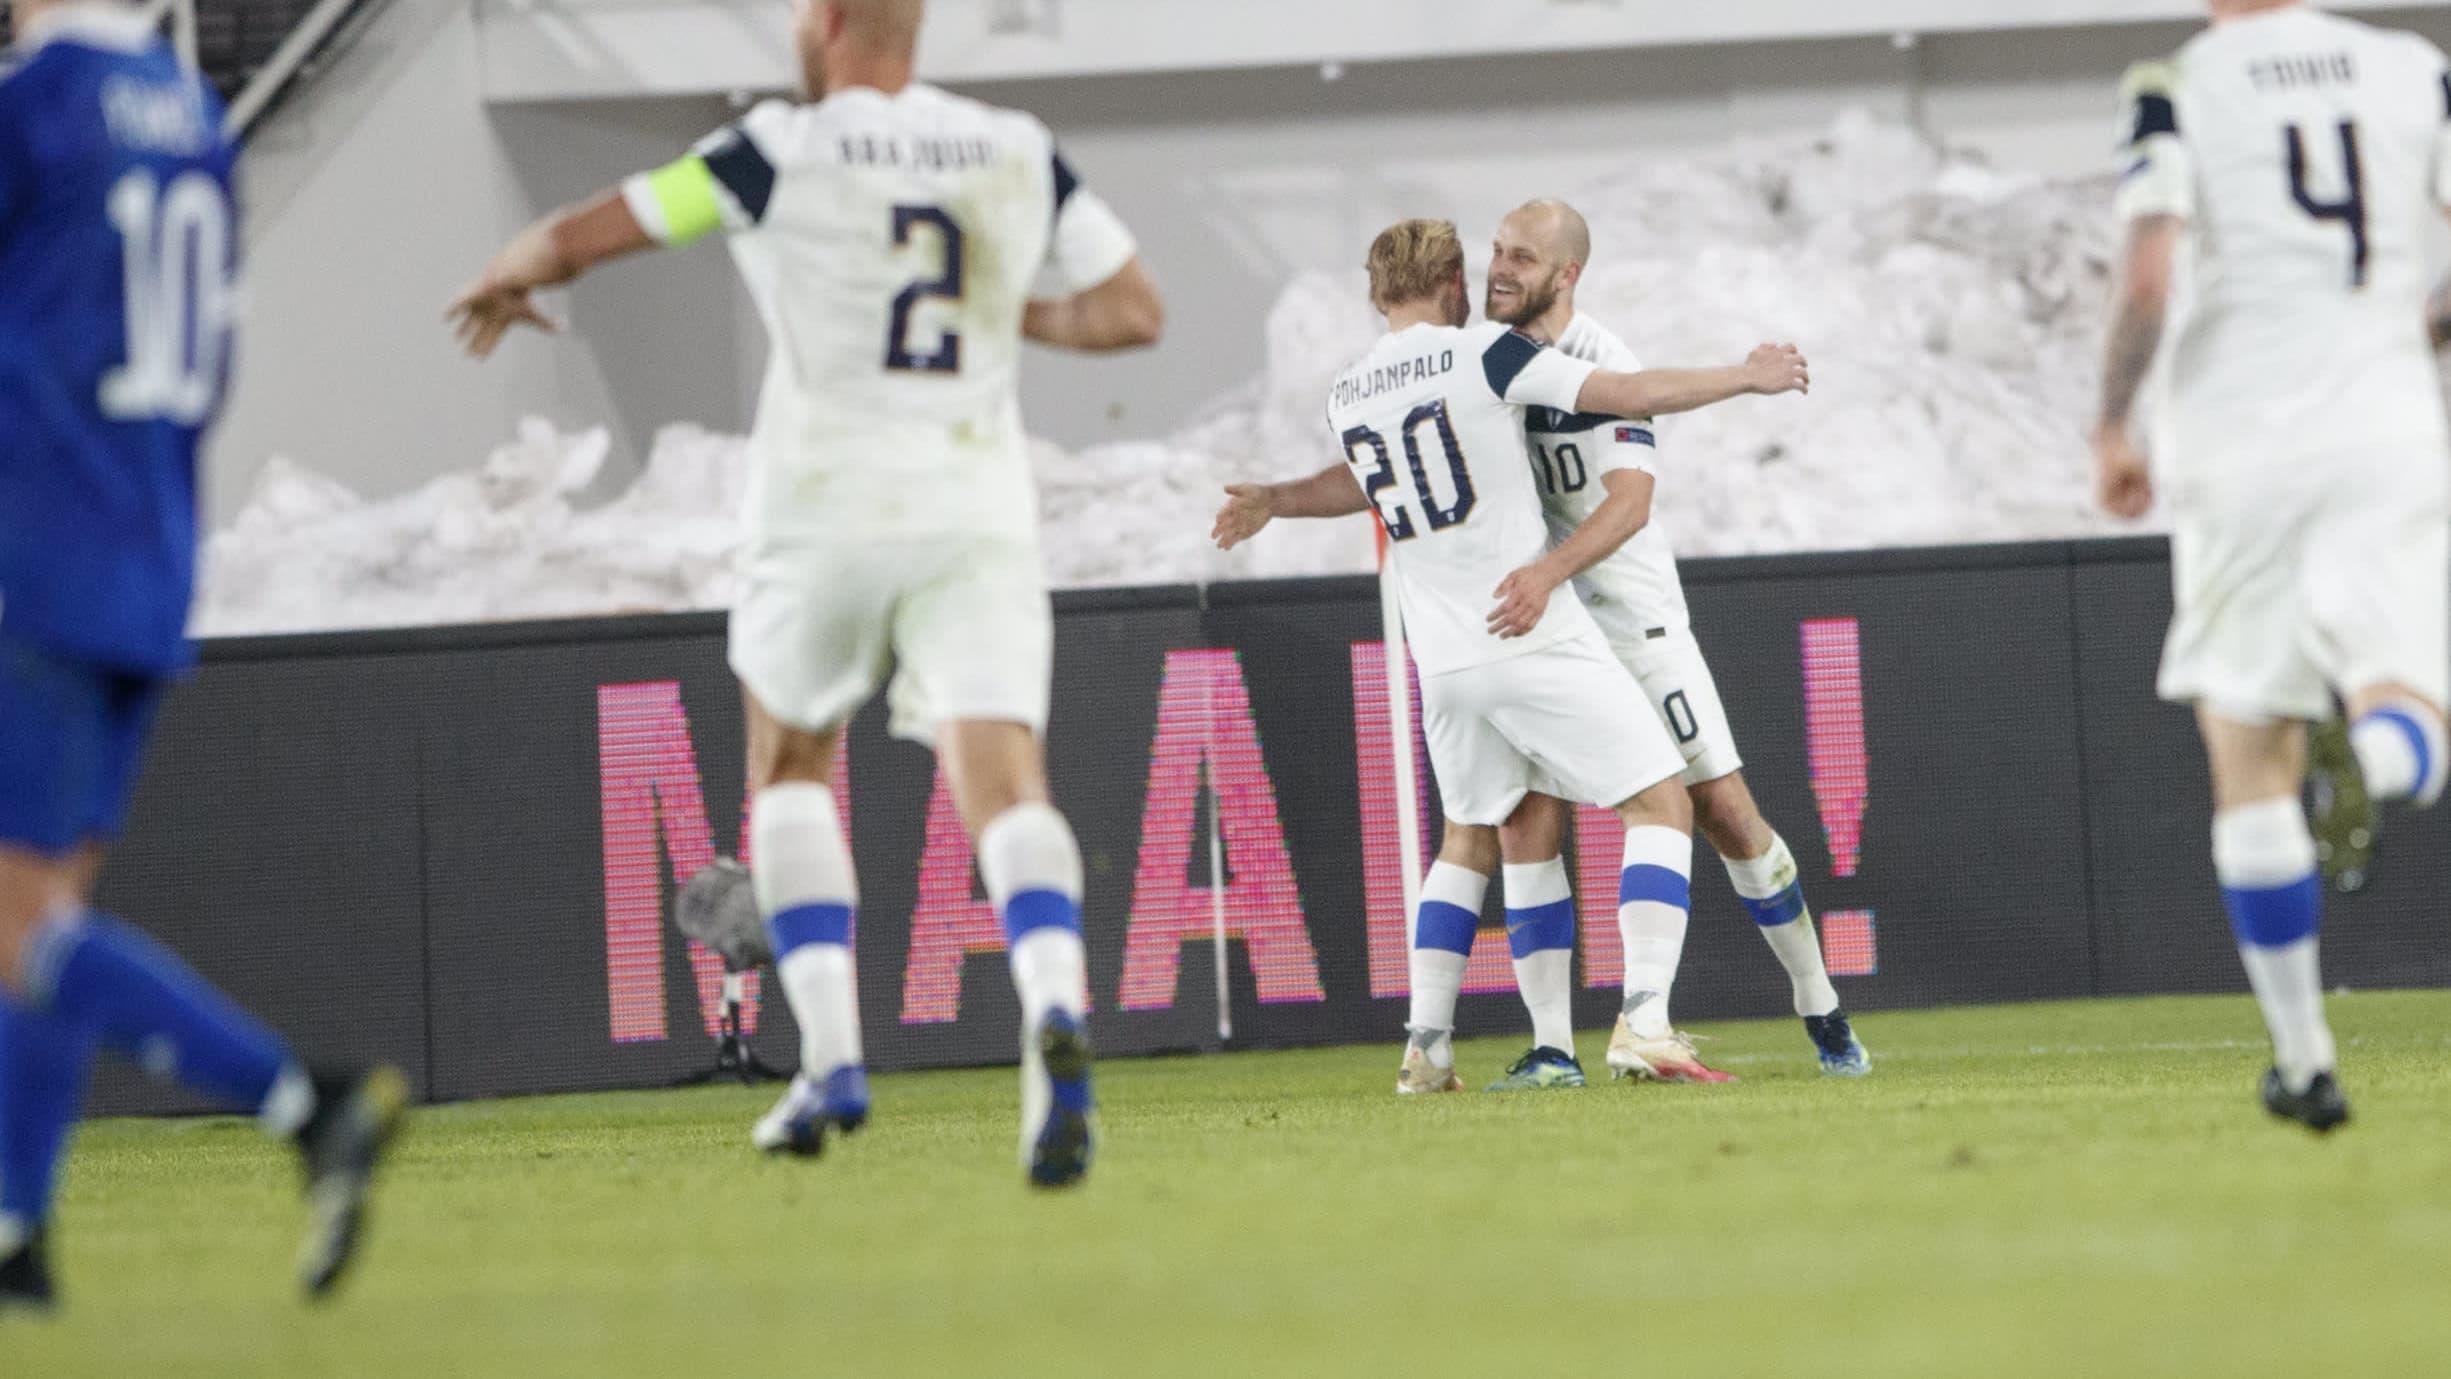 Teemu Pukki juhlii maalia Bosnia-Hertsegovinaa vastaan MM-karsinnoissa 24.3.2021.